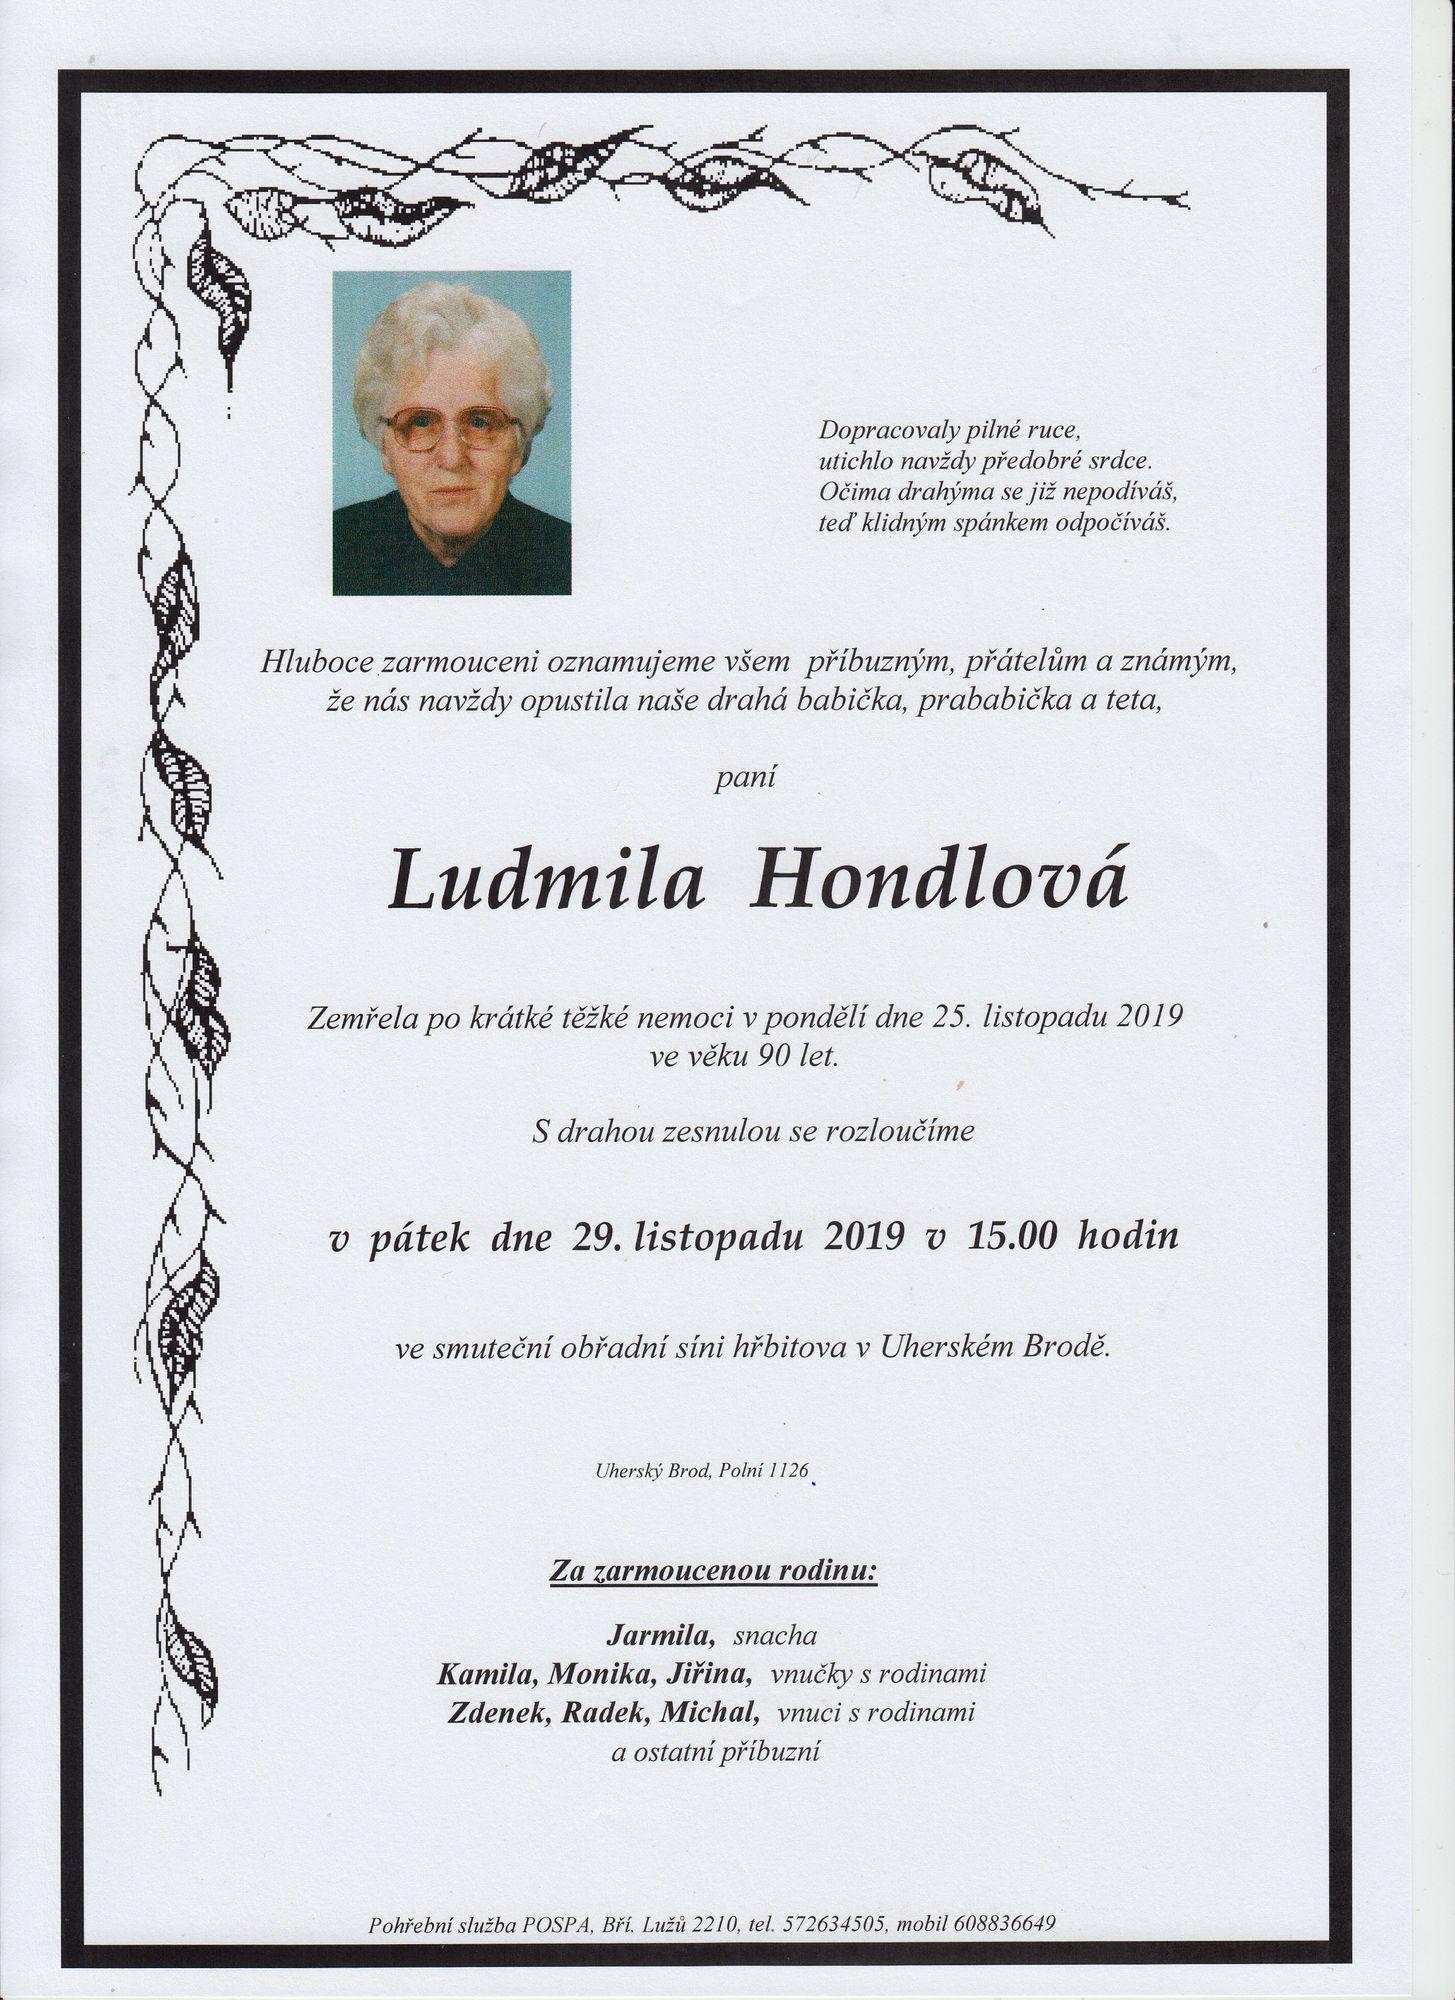 Ludmila Hondlová